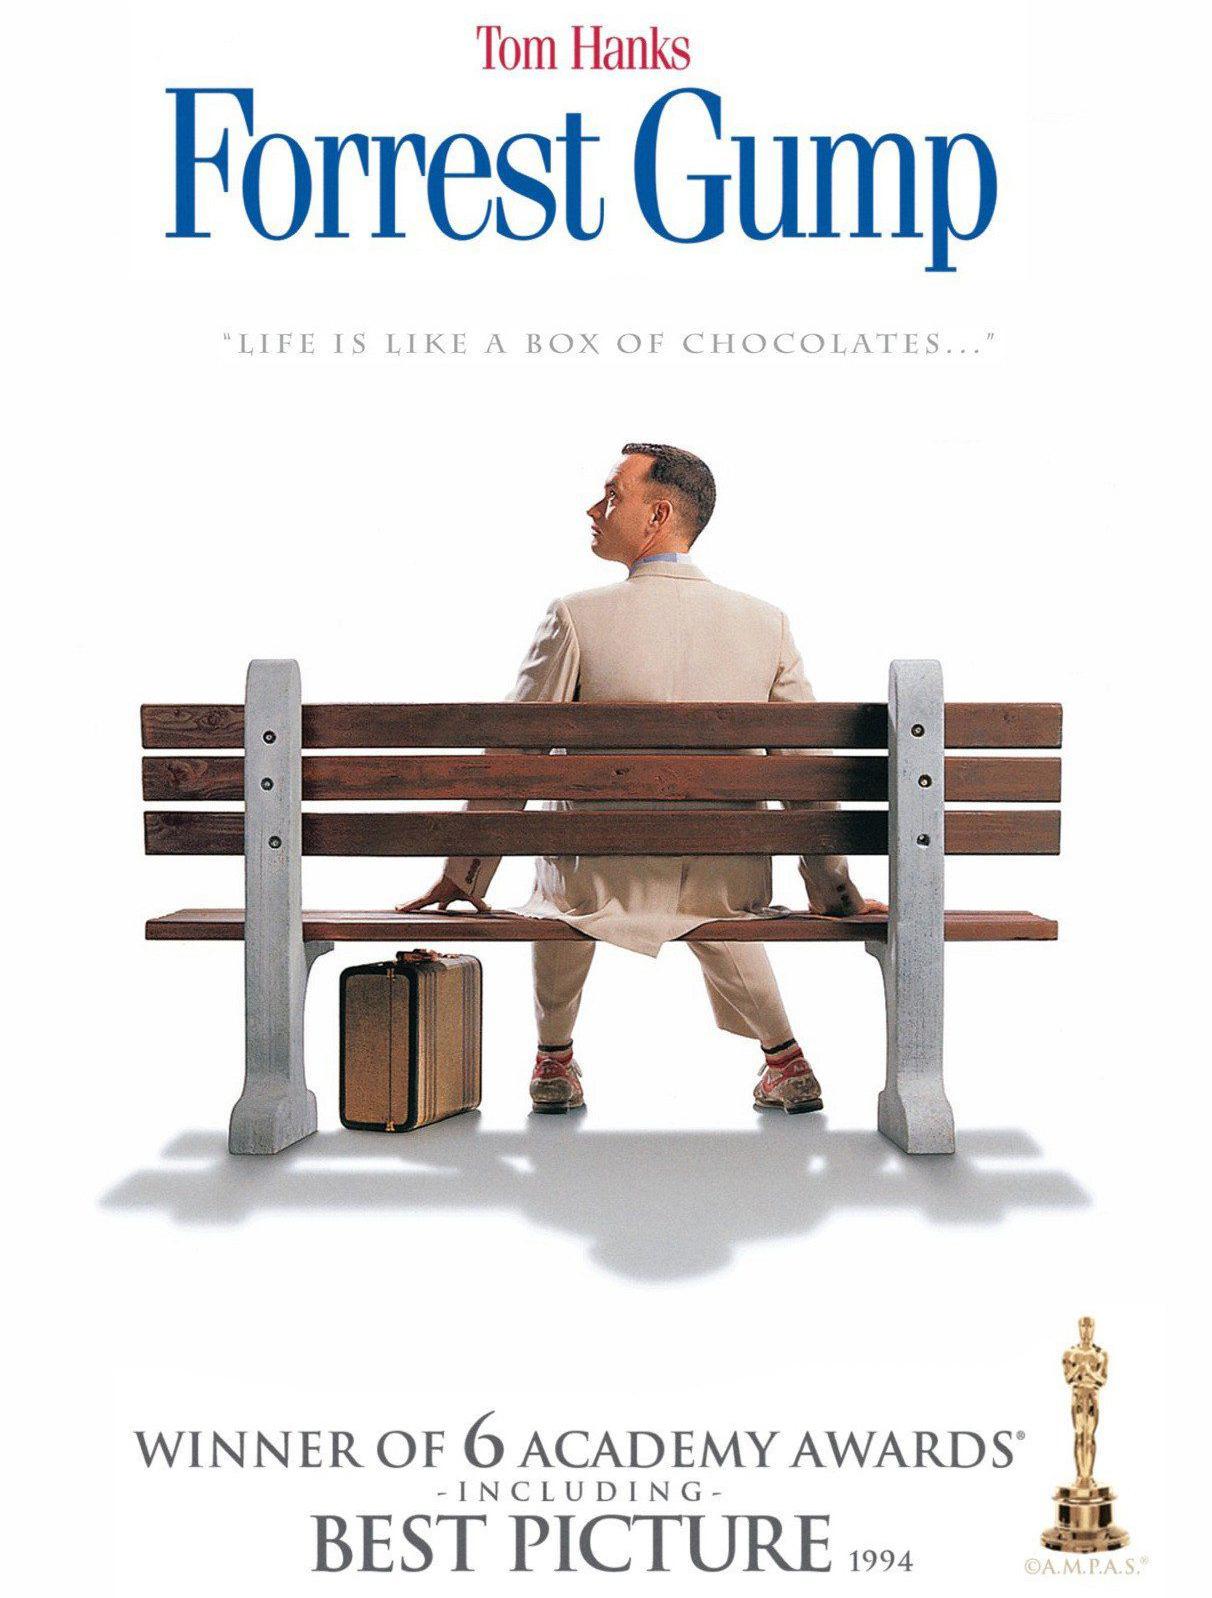 Forrest Gump' cumple 25 años | Marca.com